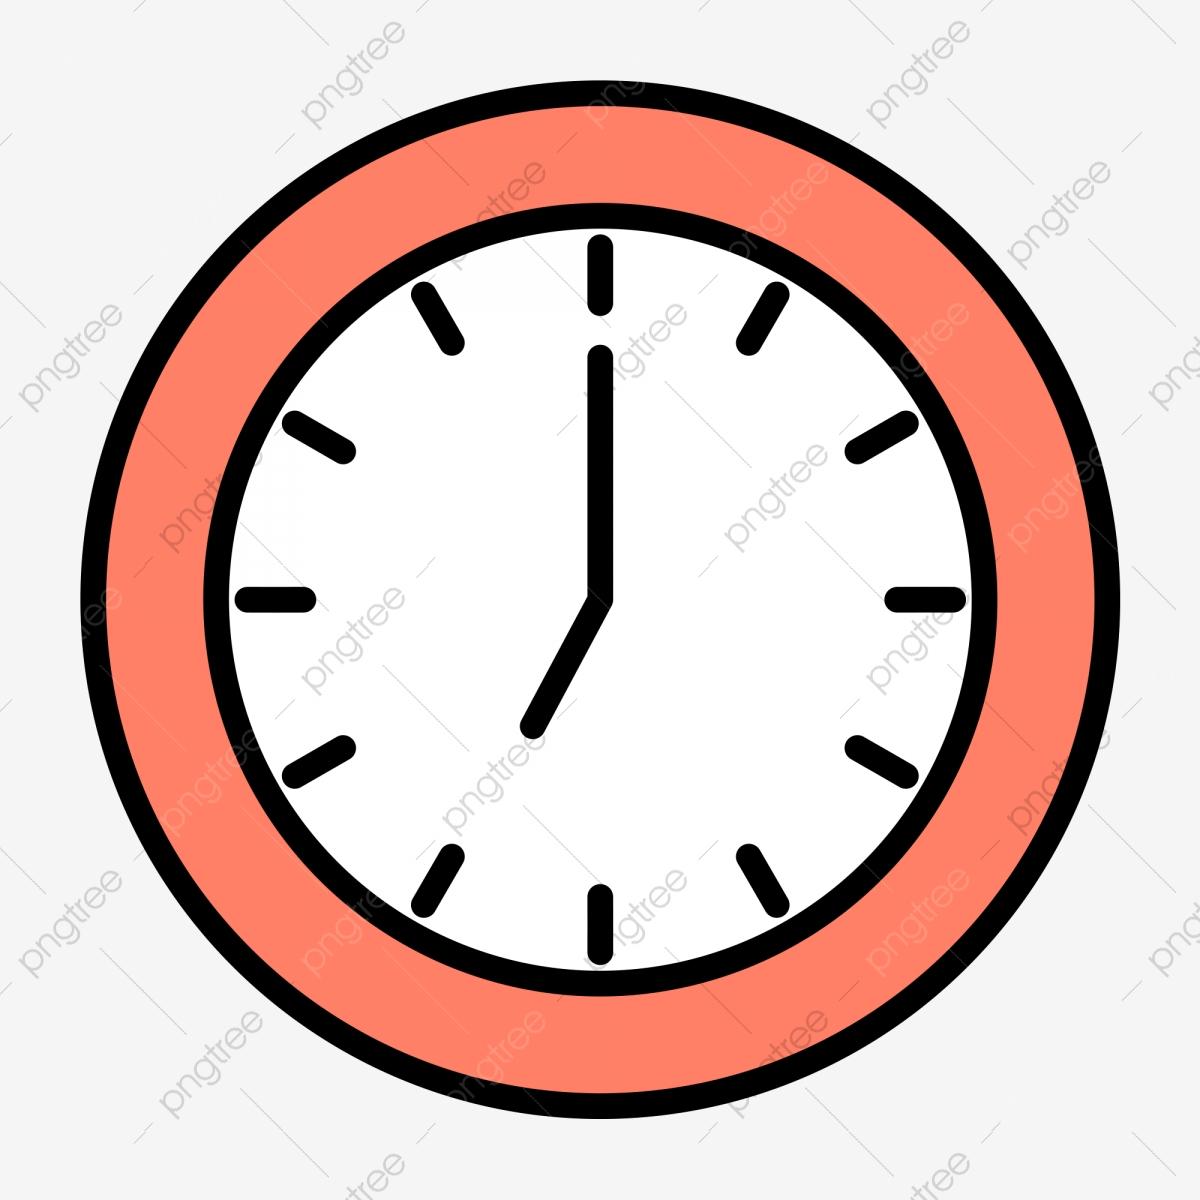 Tabla De Tiempo Reloj Reloj, Accesorios, Bell, Reloj PNG y.